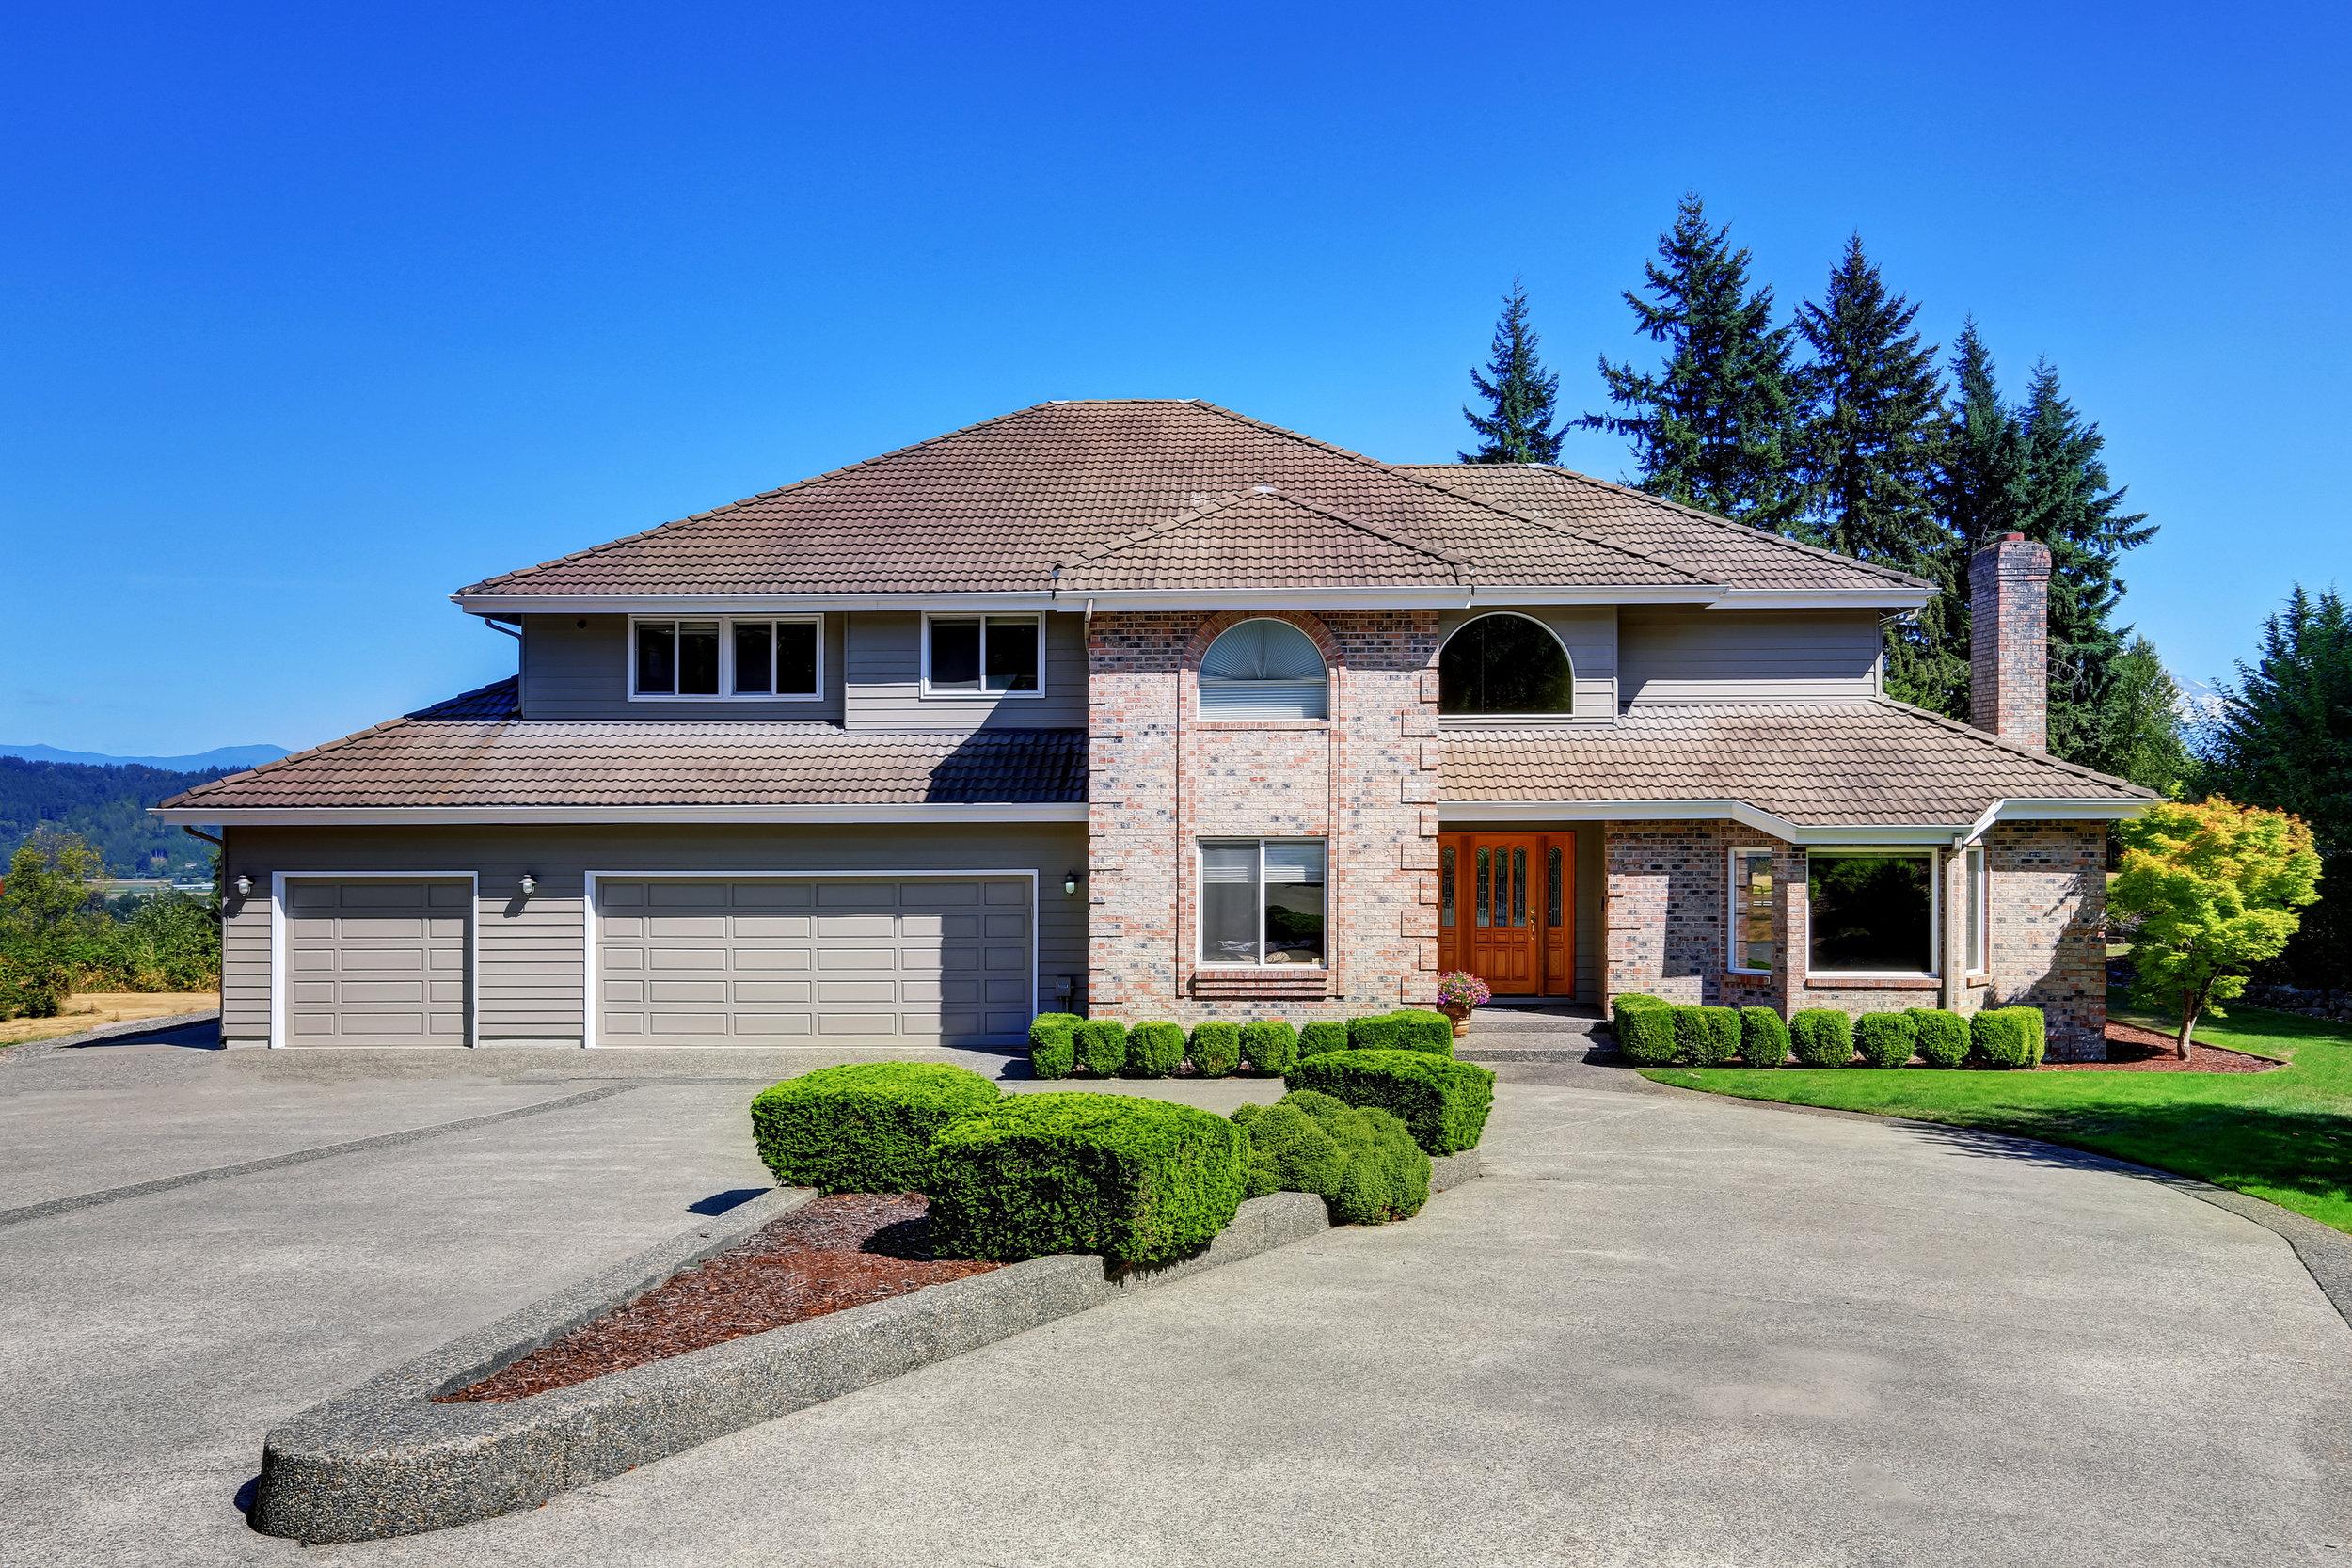 bigstock-Luxury-Brick-House-With-Beauti-144030671.jpg